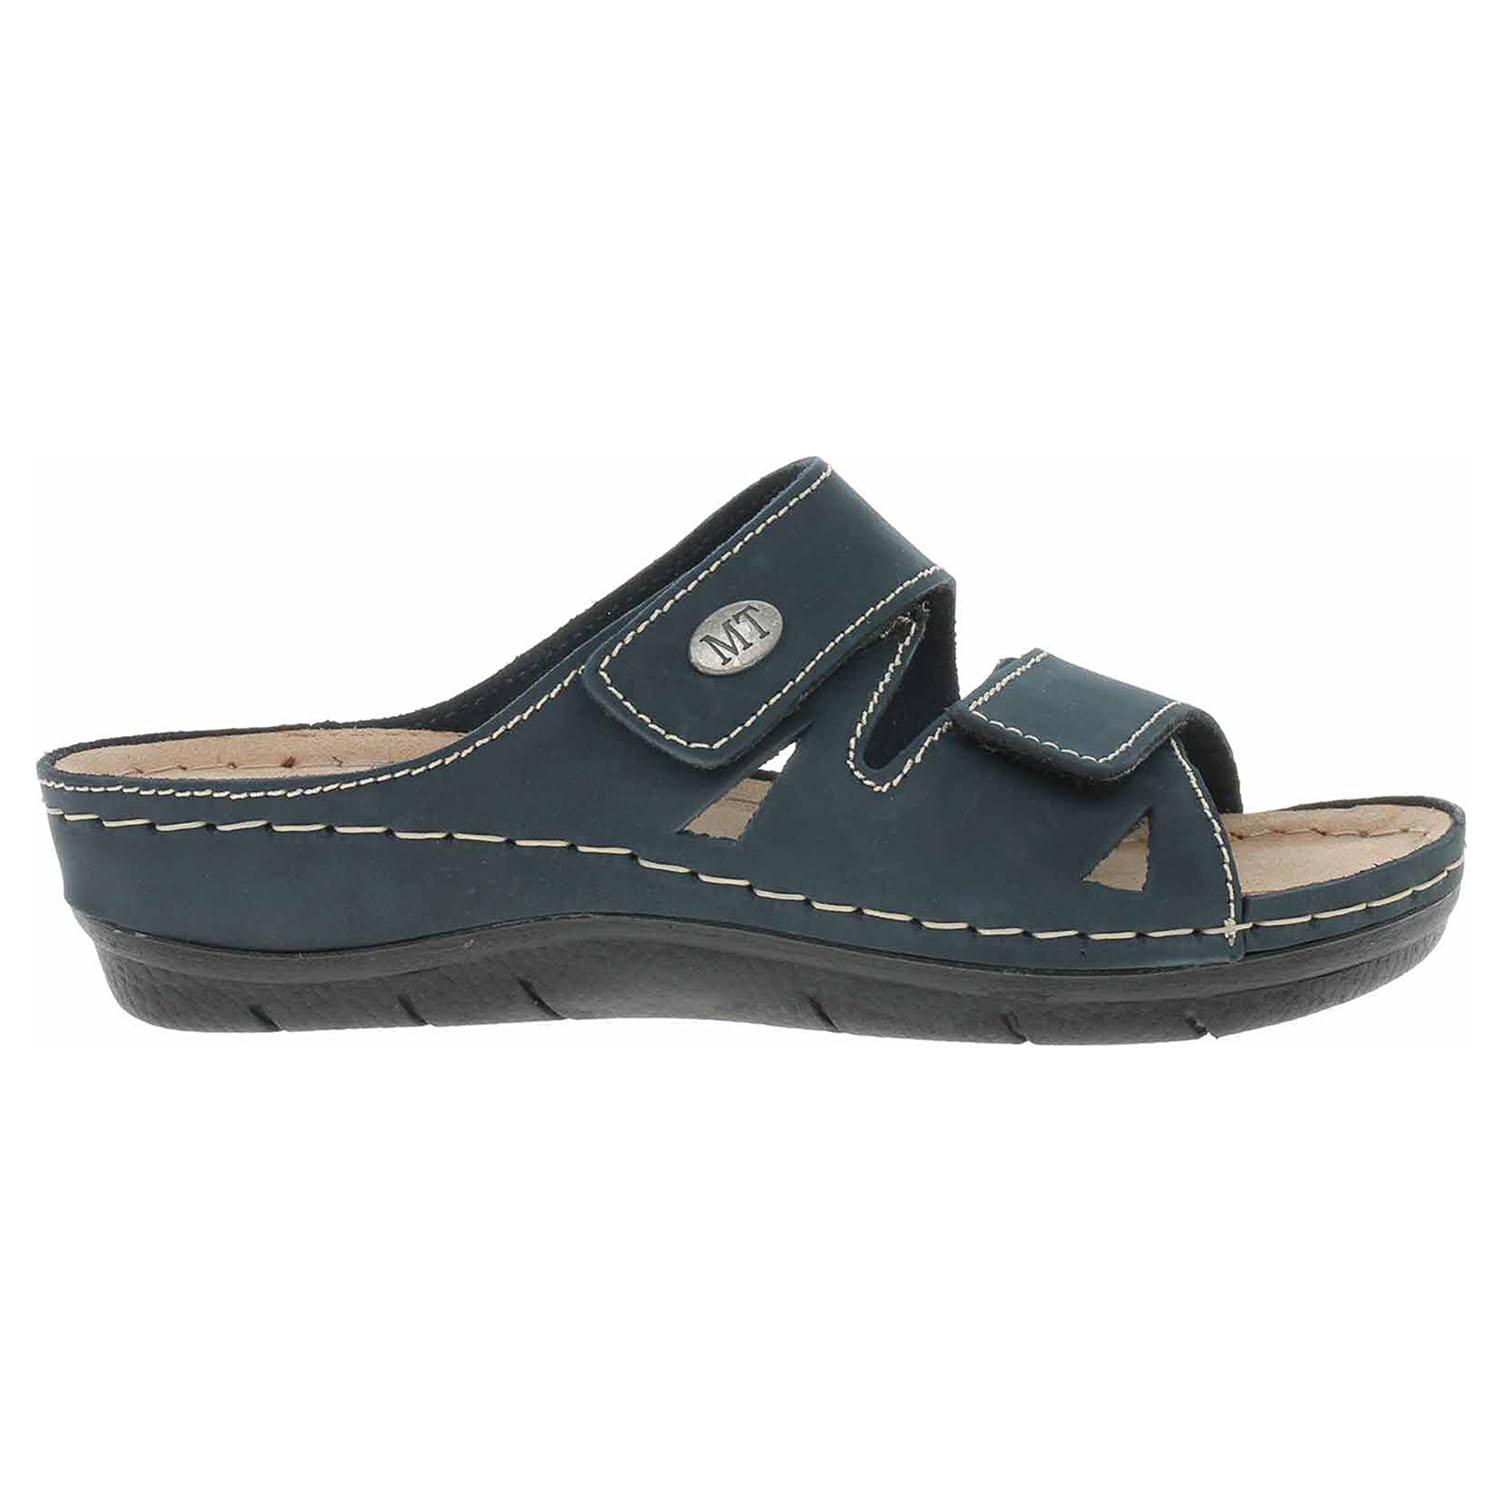 Ecco Marco Tozzi dámské pantofle 2-27512-28 modré 23400309